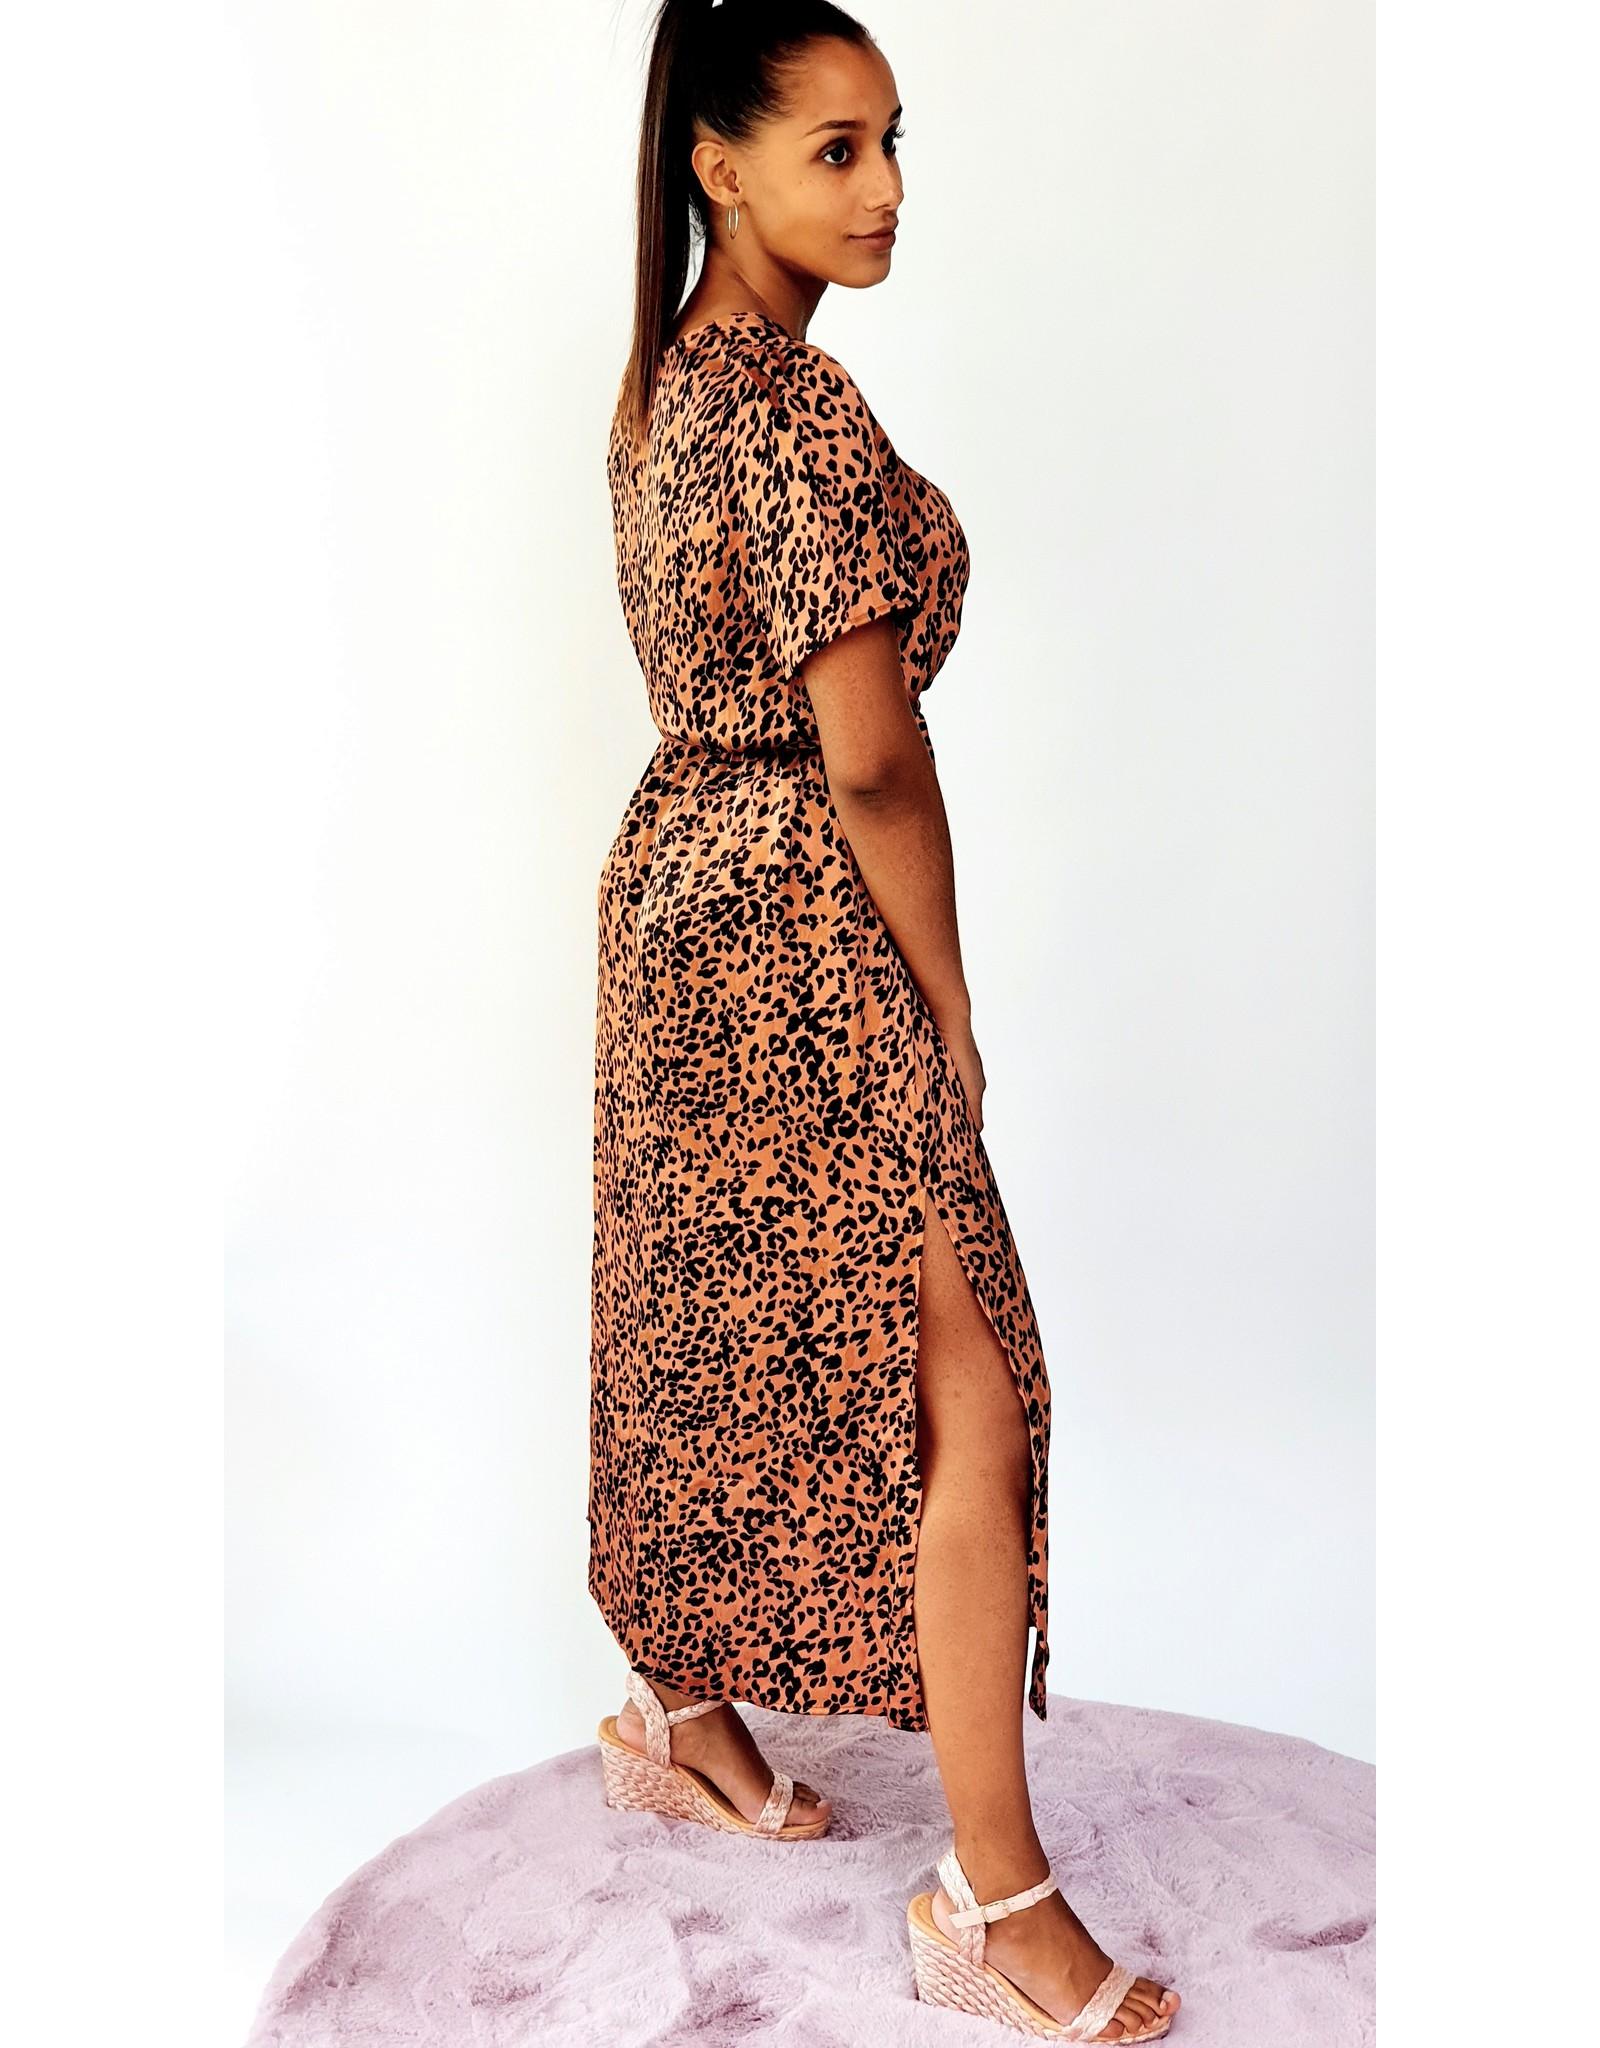 Thé satin leopard dress